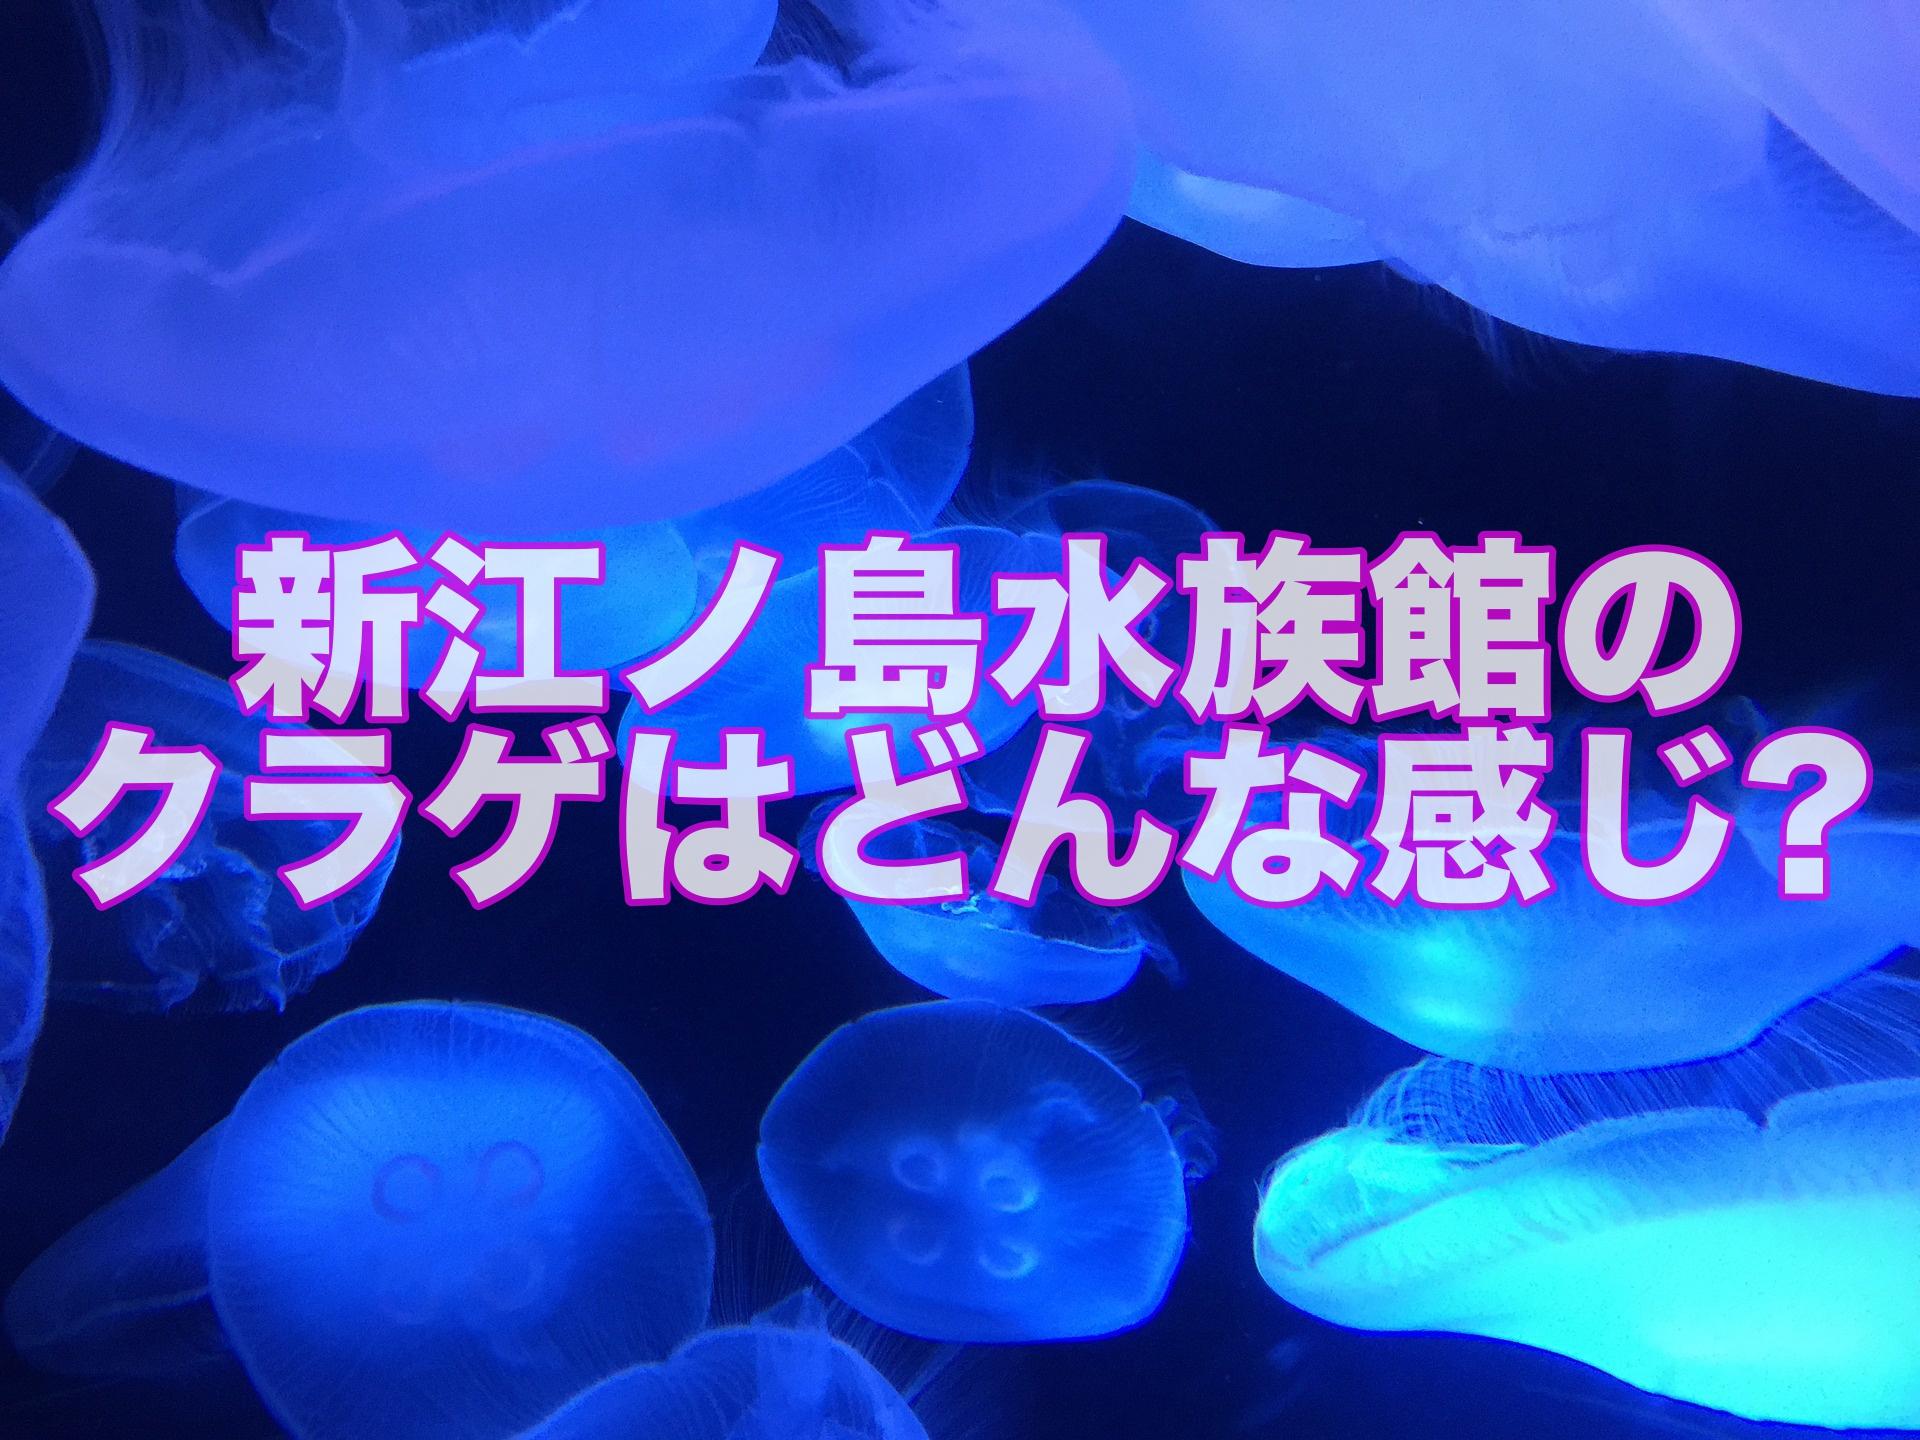 江ノ島 水族館 新